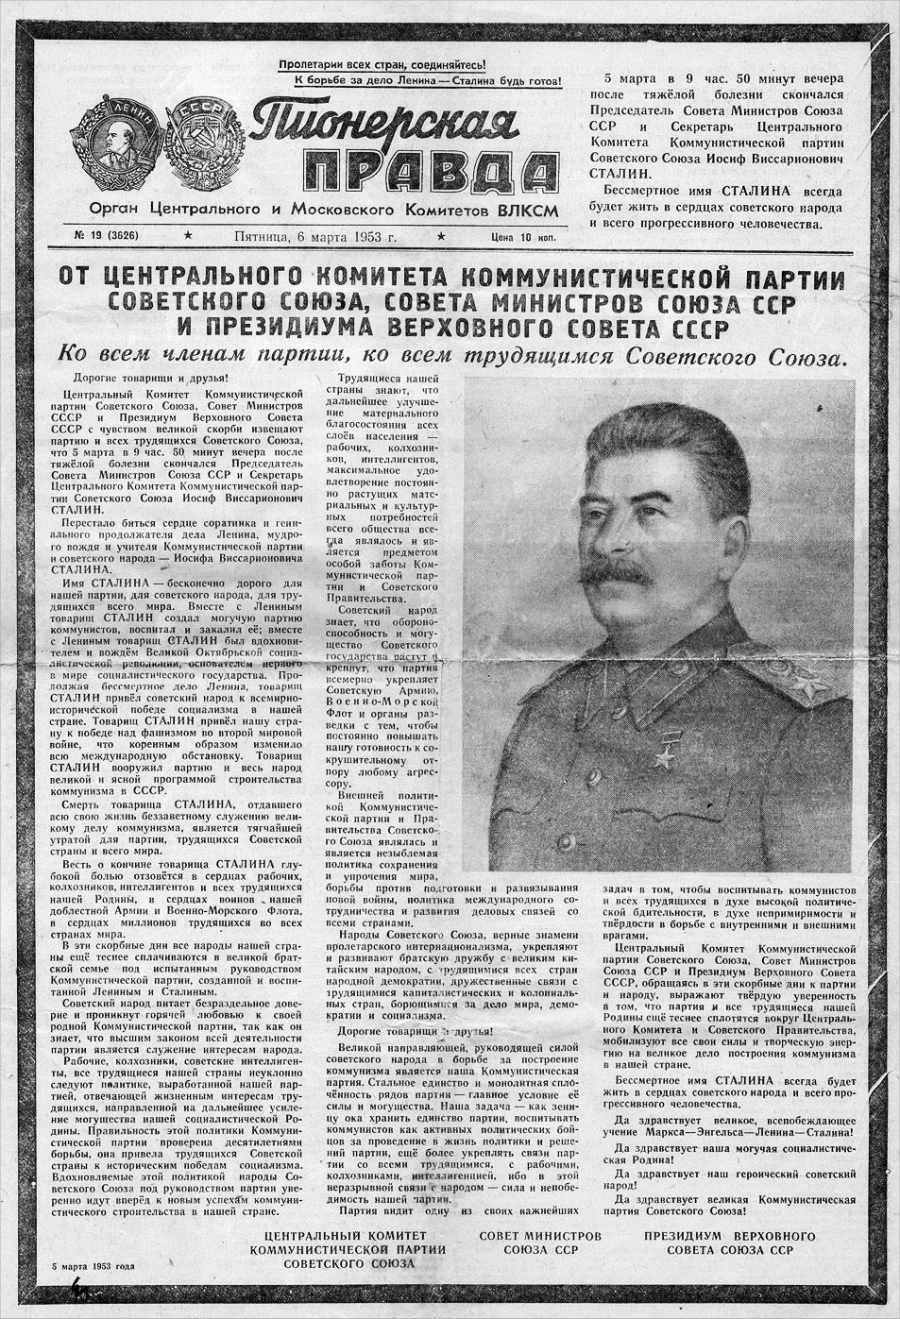 Пионерская правда от 06.03.1953